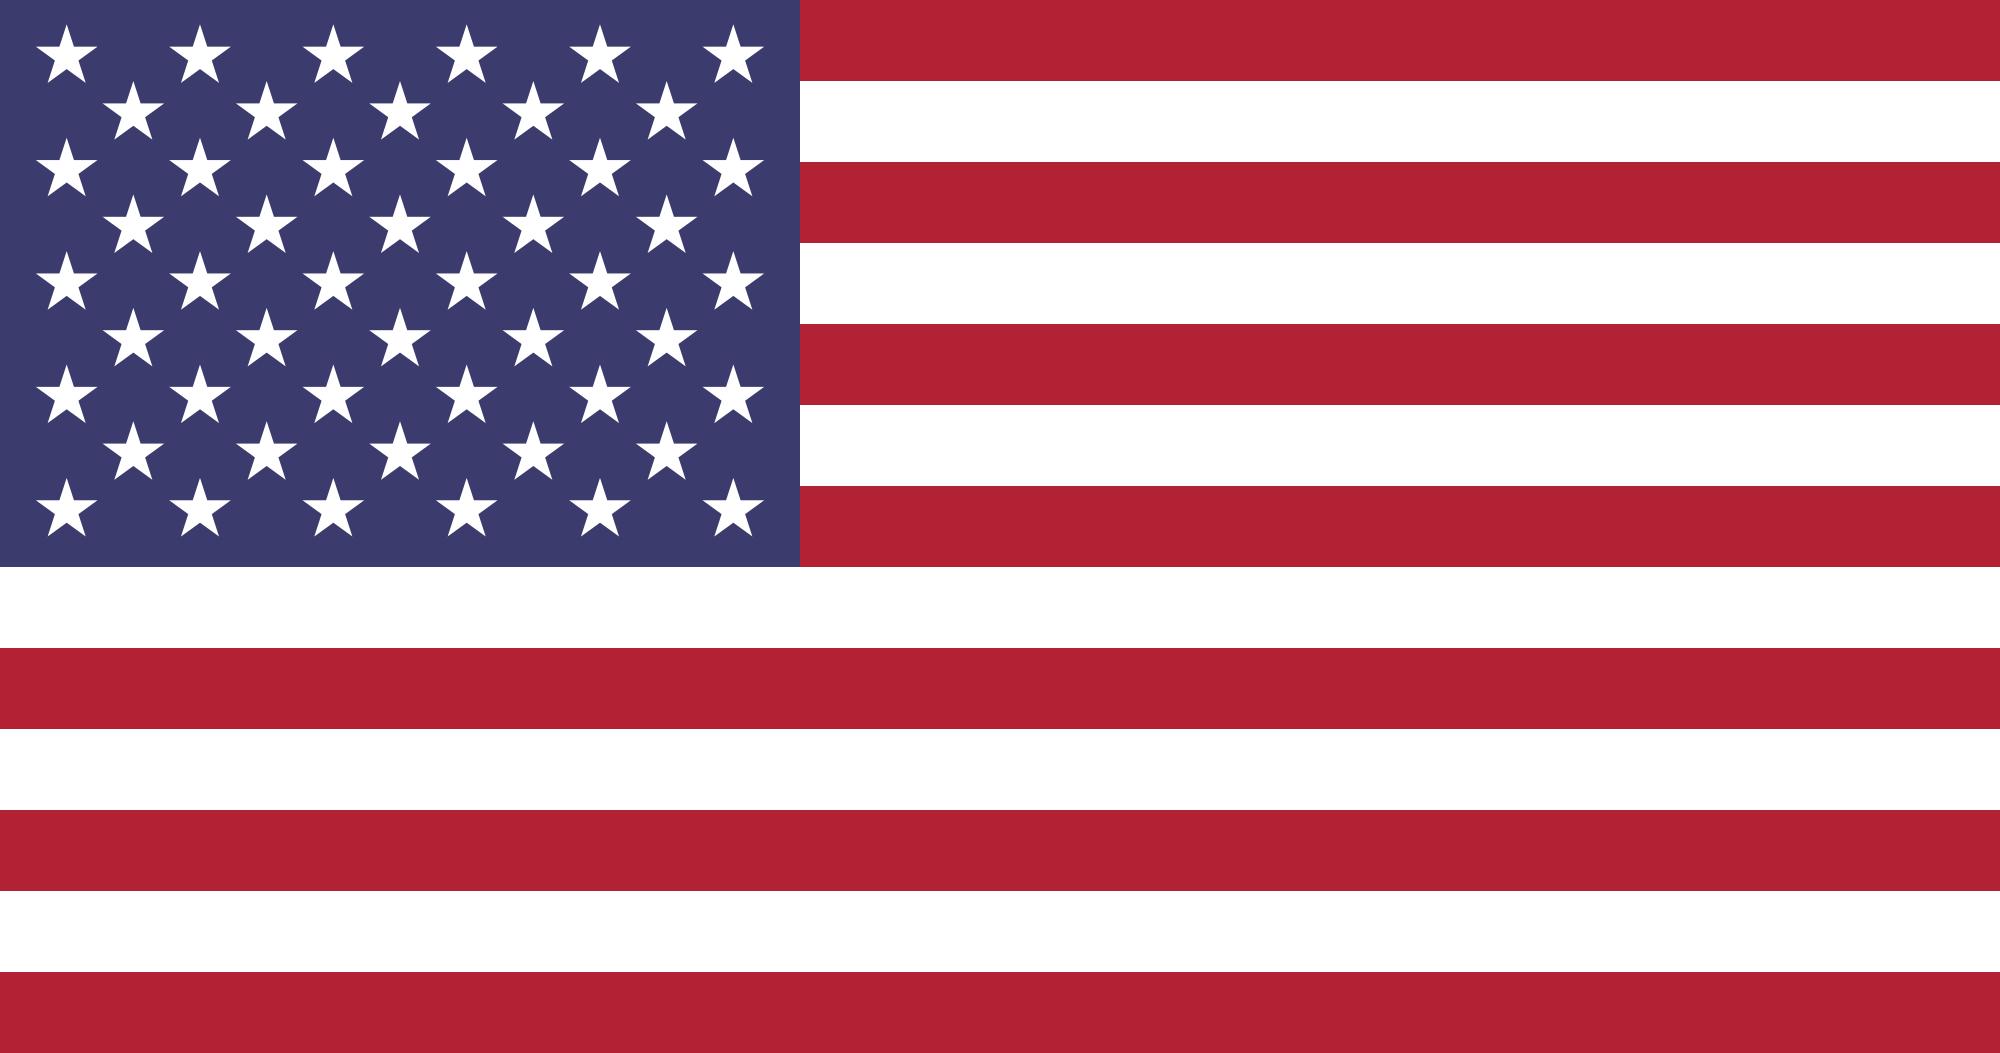 Native Speaker Englisch (US) - Flagge